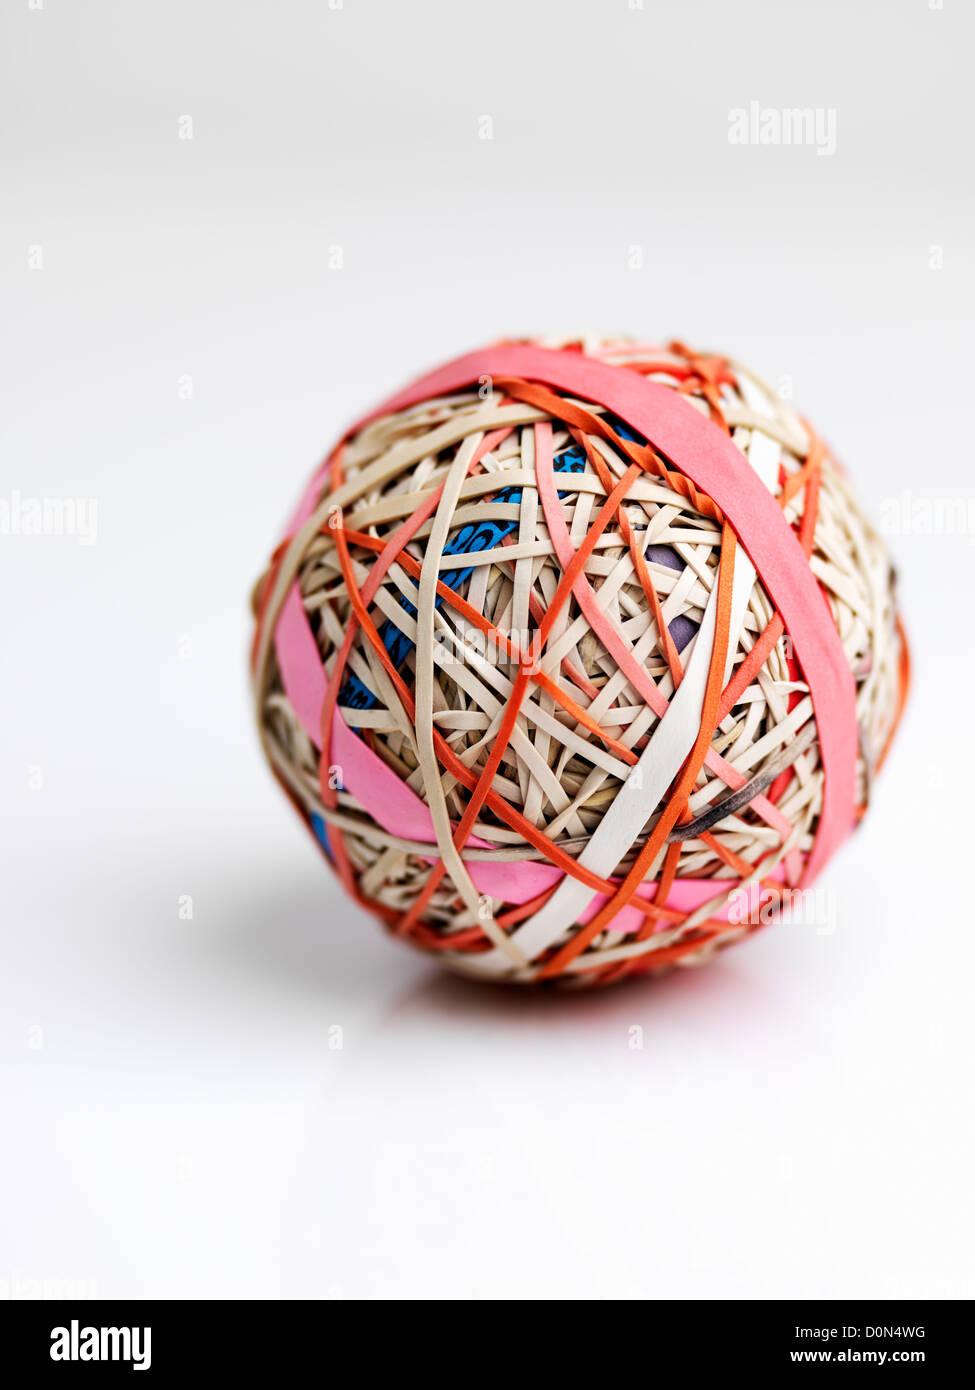 Gummiband-Ball, Kugel, bestehend aus Gummibänder übereinander gewickelt Stockfoto